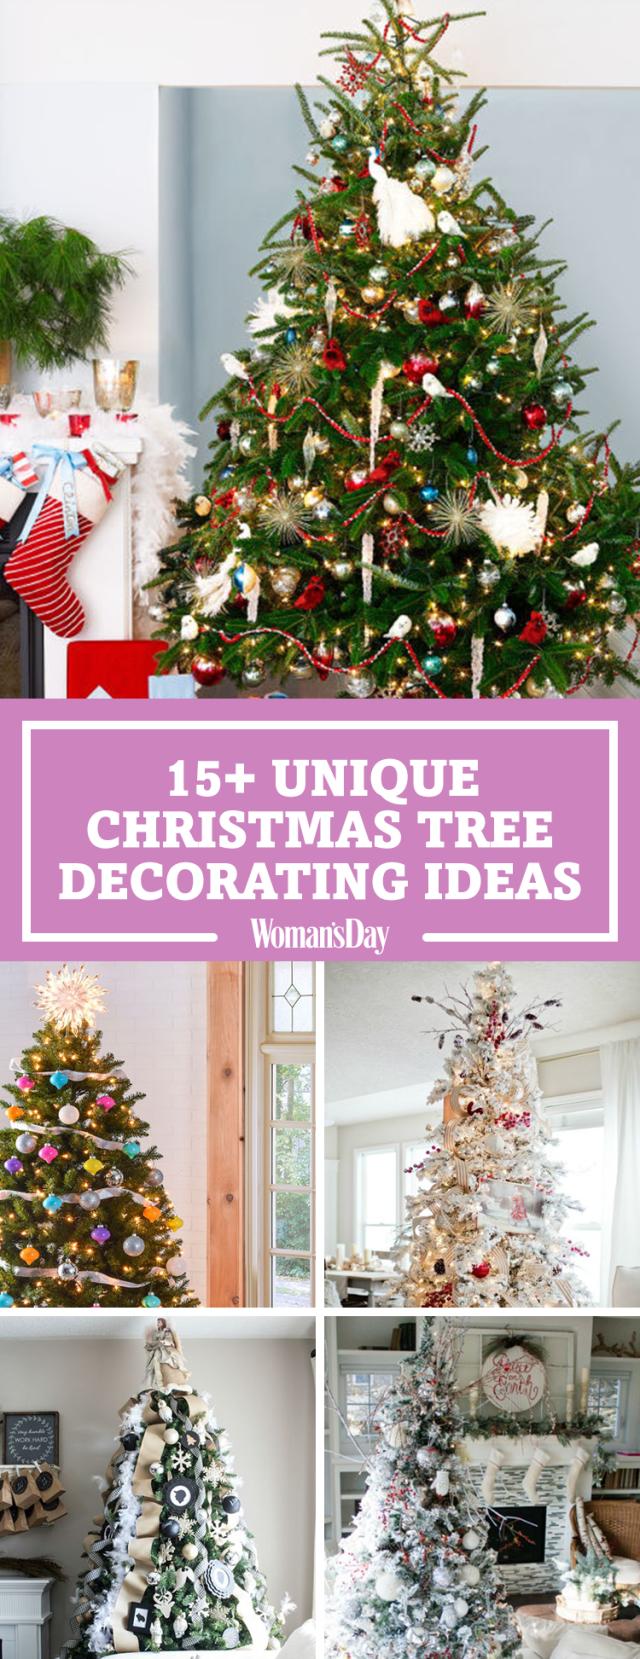 25 unique christmas tree decoration ideas pictures of decorated christmas trees - Unique Christmas Trees